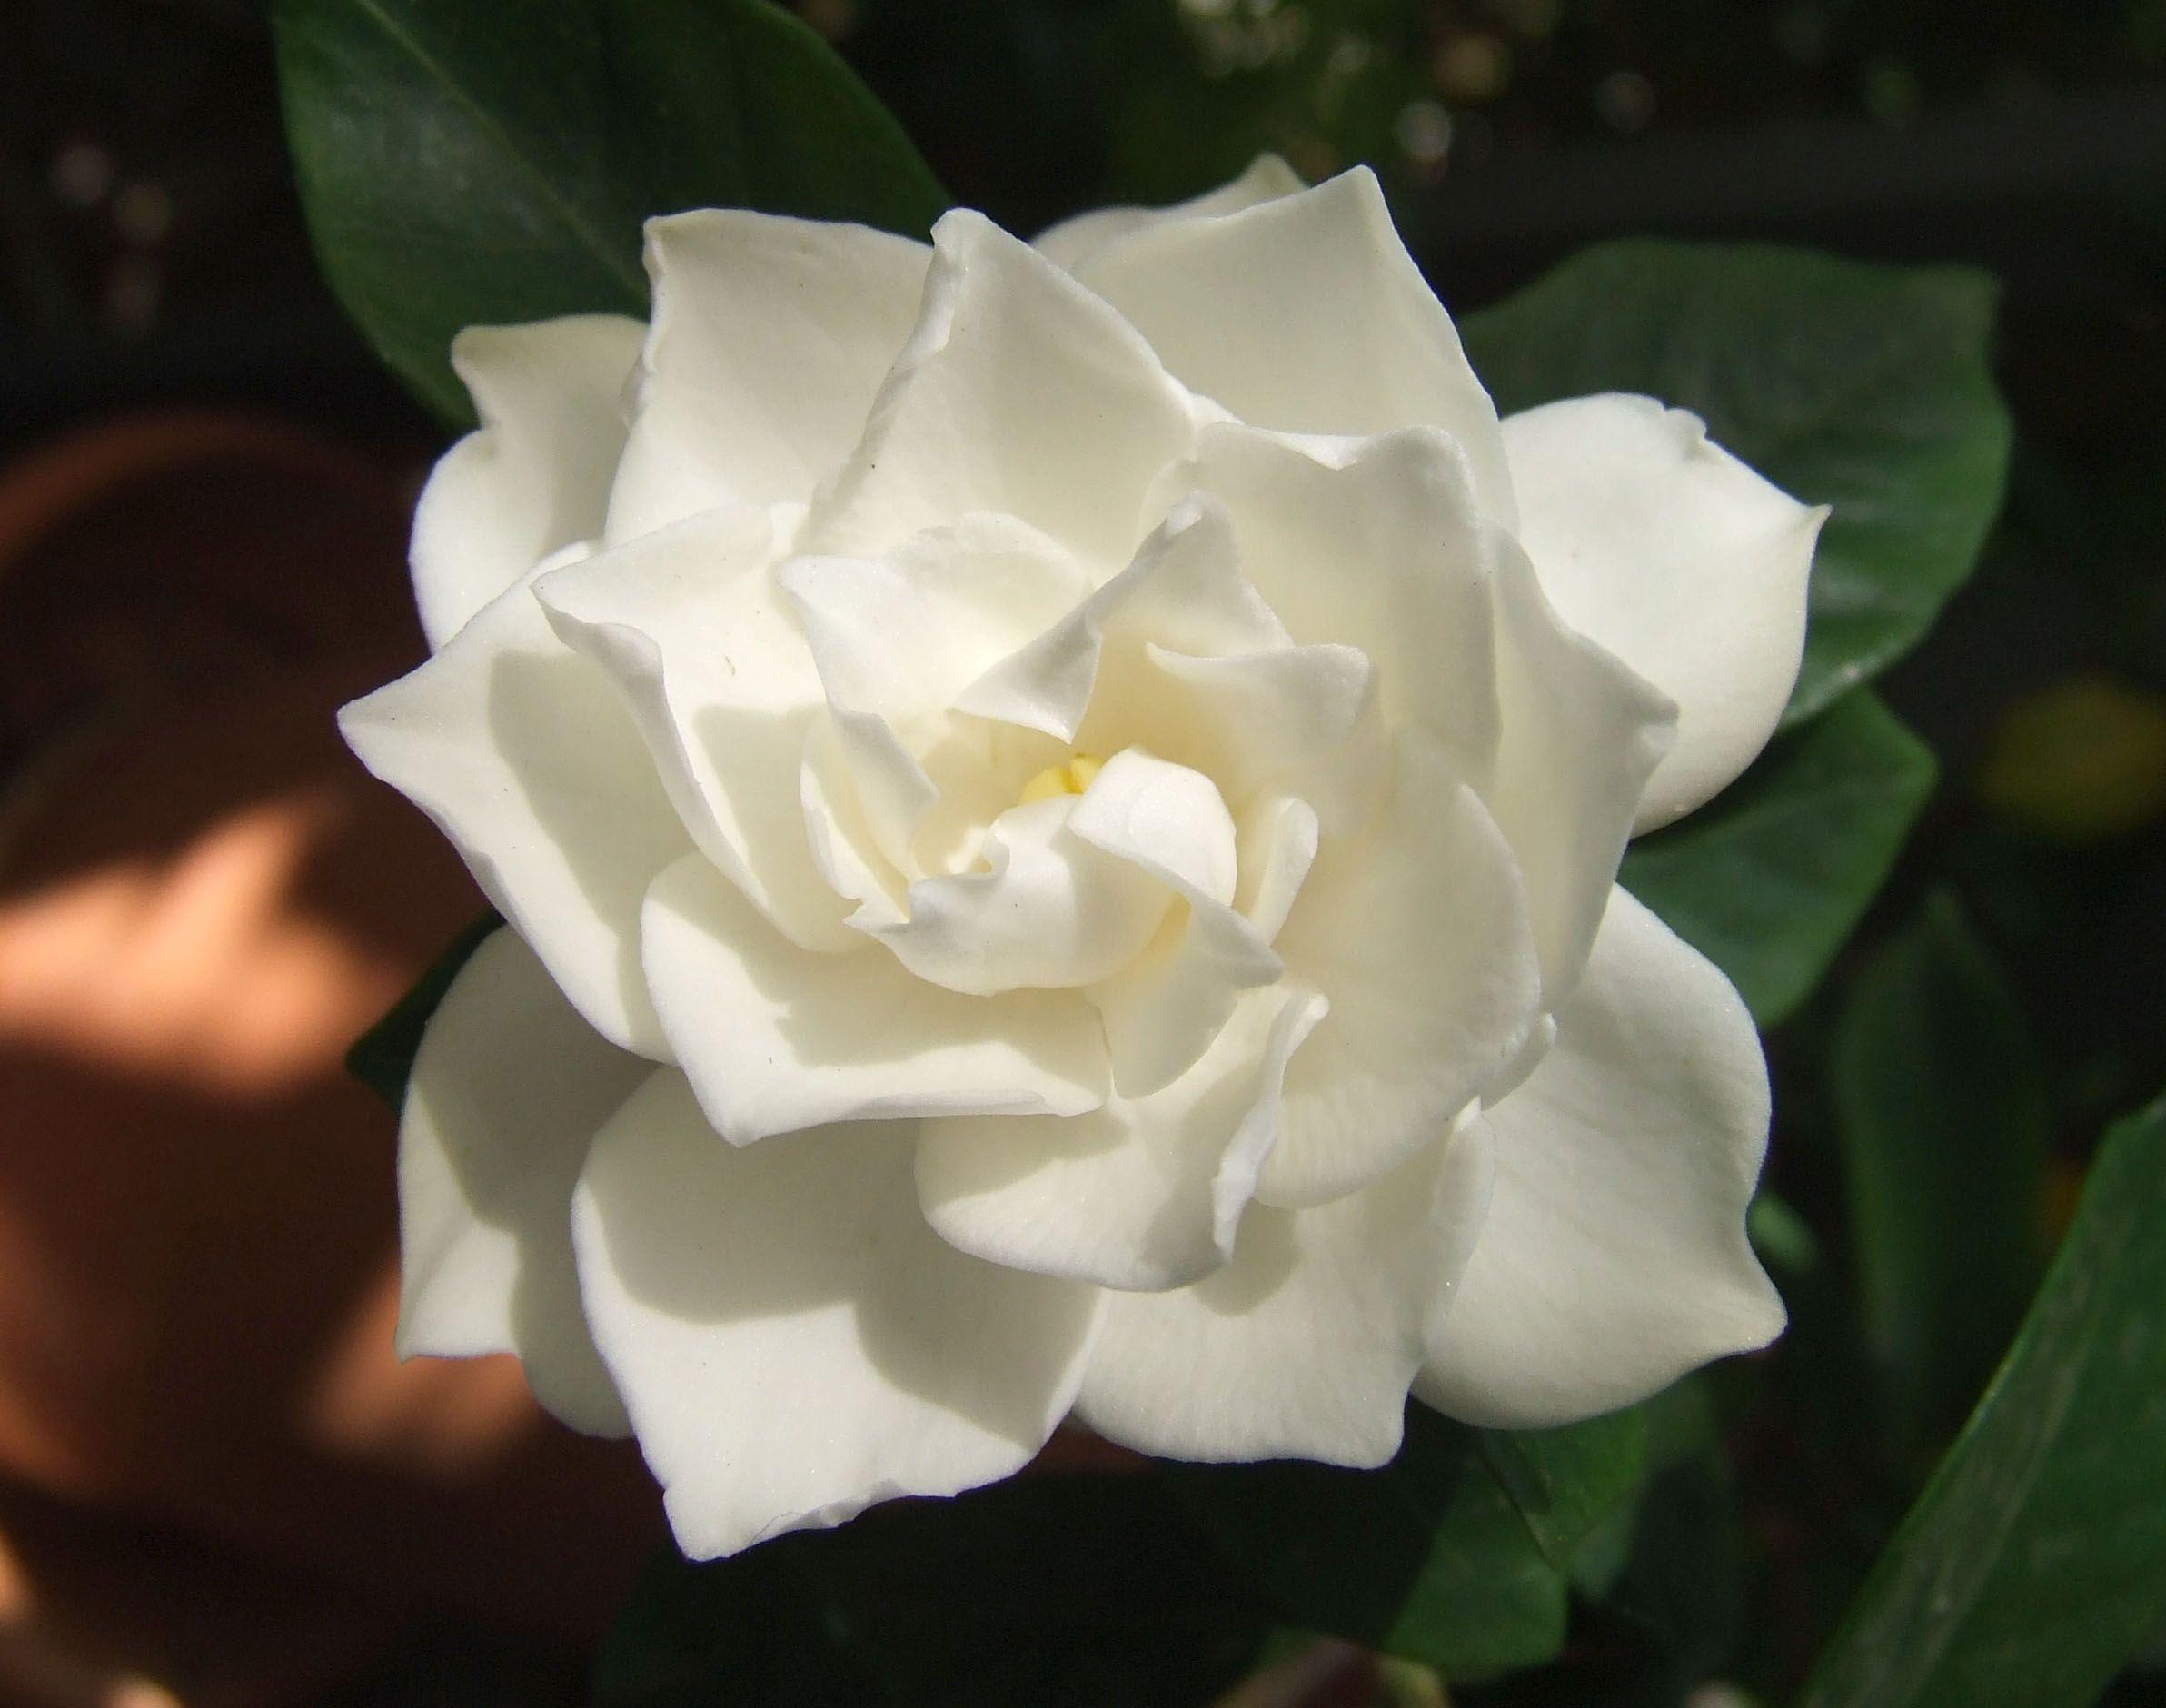 Mazzo Di Fiori Bianchi Significato.G Is For Gardenia A Scented Flower Flores Fotografia Amor